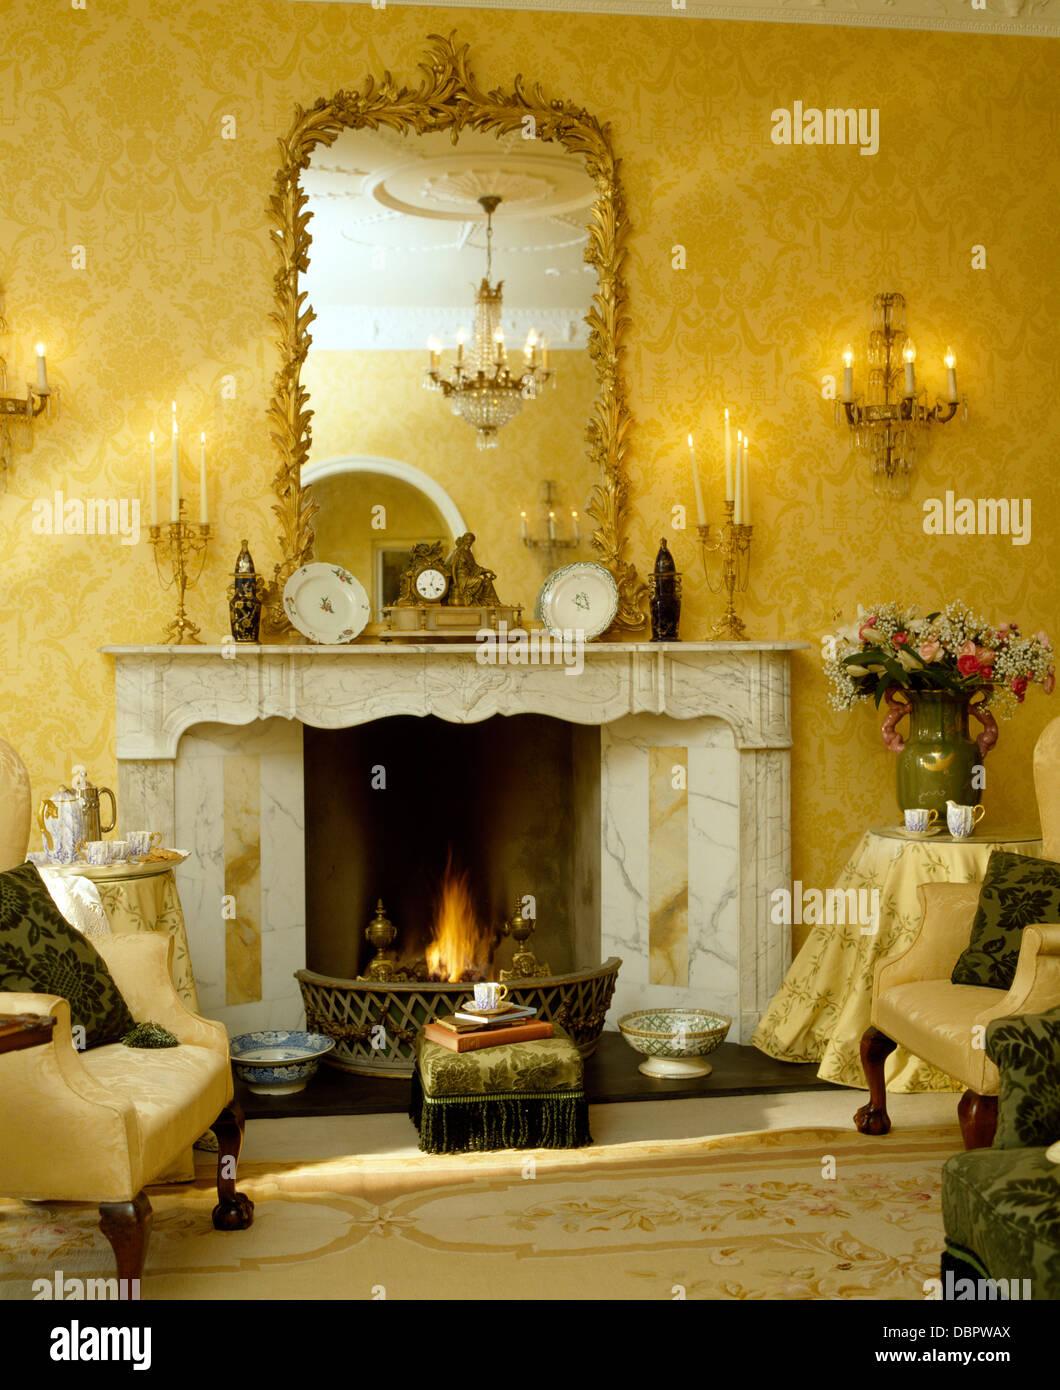 Antike vergoldete gerahmten Spiegel über dem Marmorkamin im ...